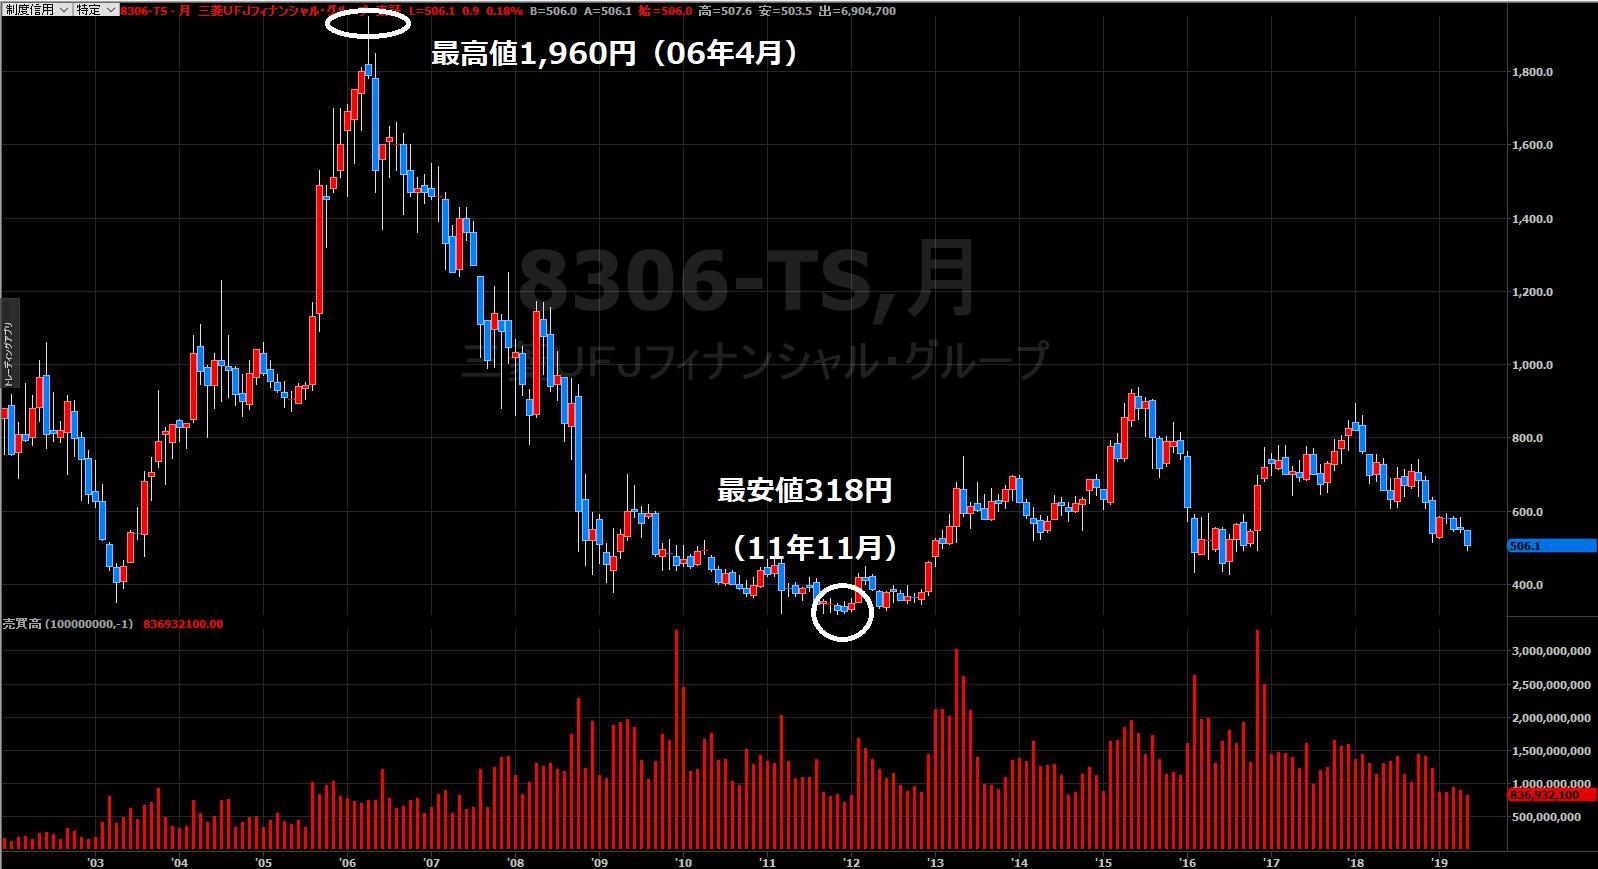 東京 ufj 銀行 株価 三菱